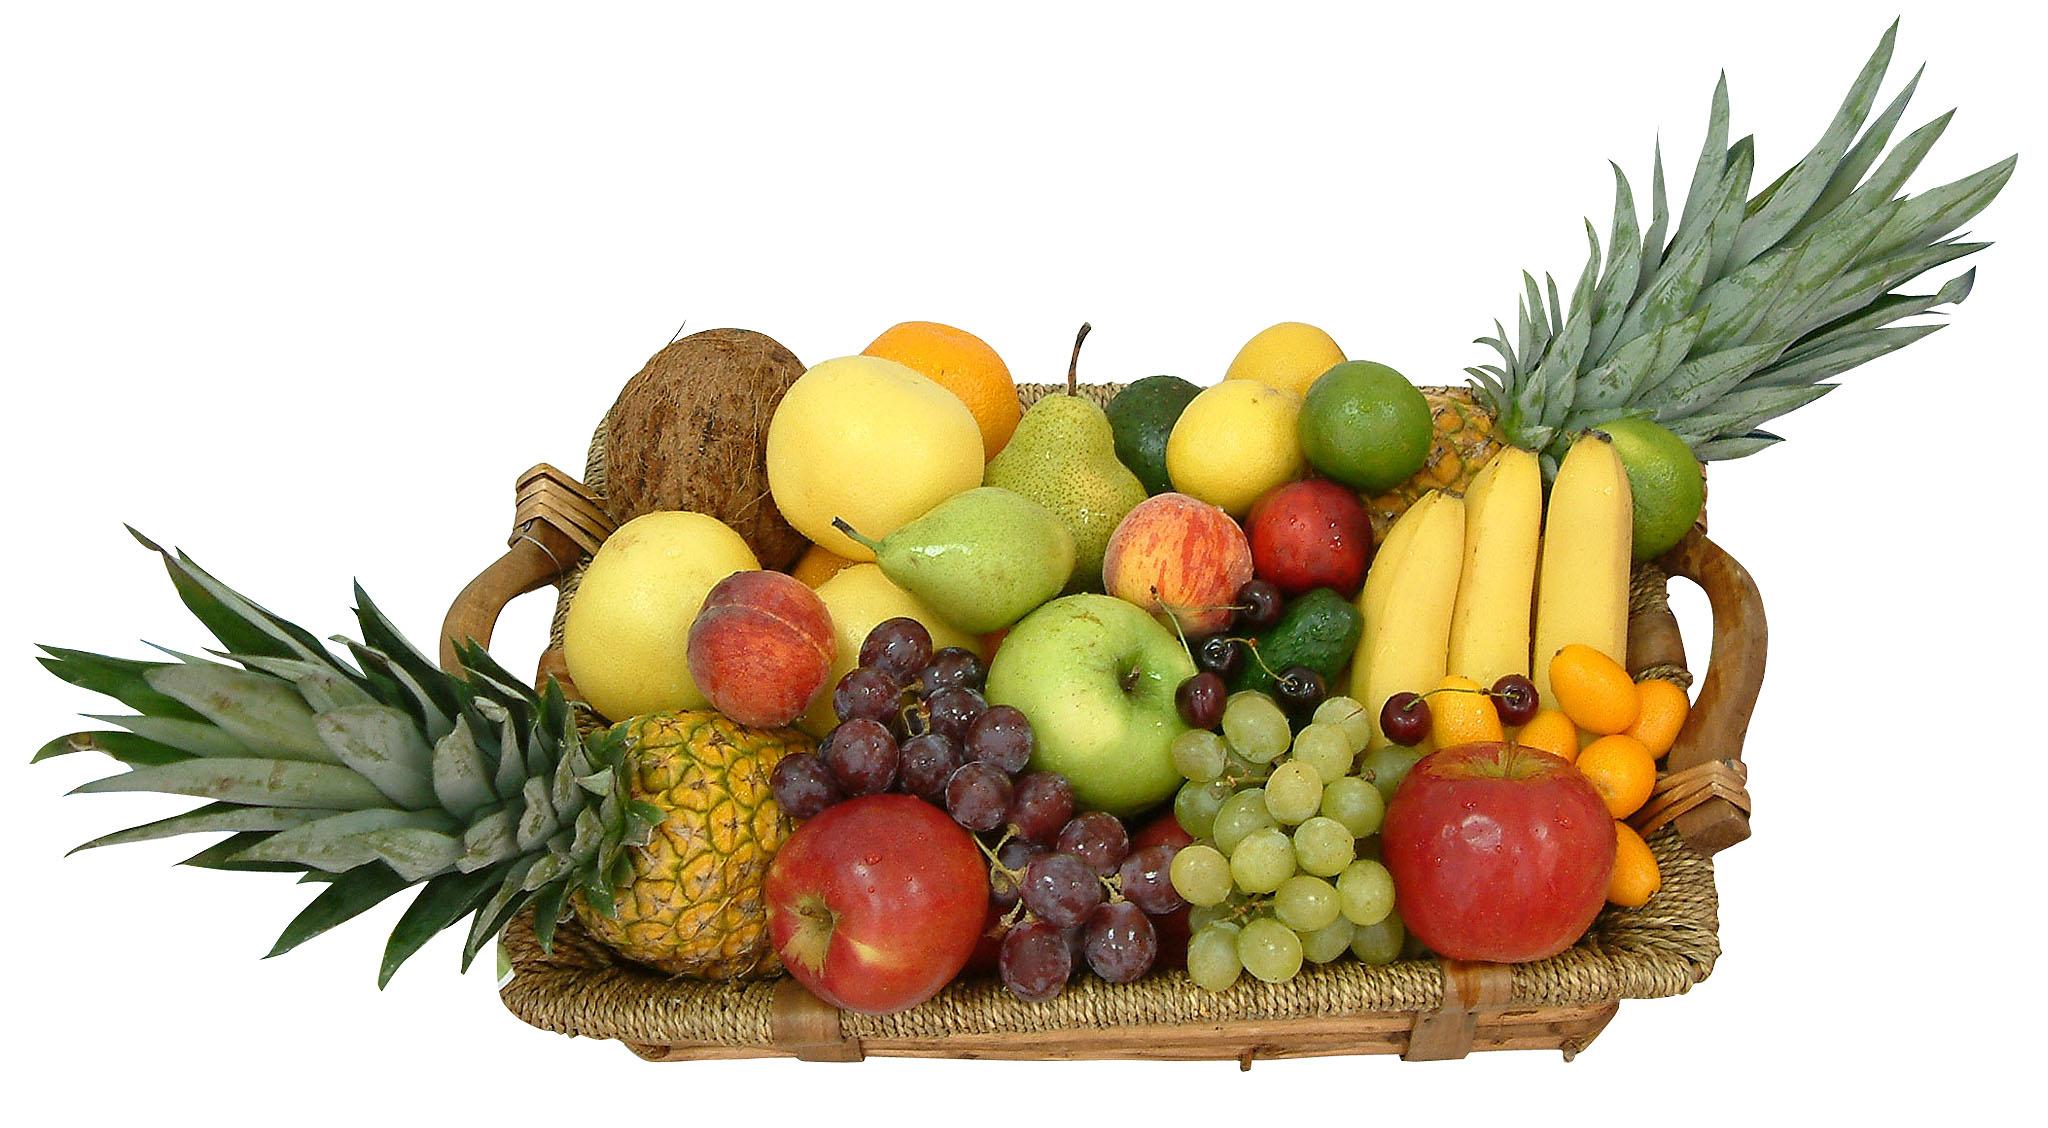 صورة علاج جديد من الفاكهة للقضاء على السرطان بديلًا للكيماوي